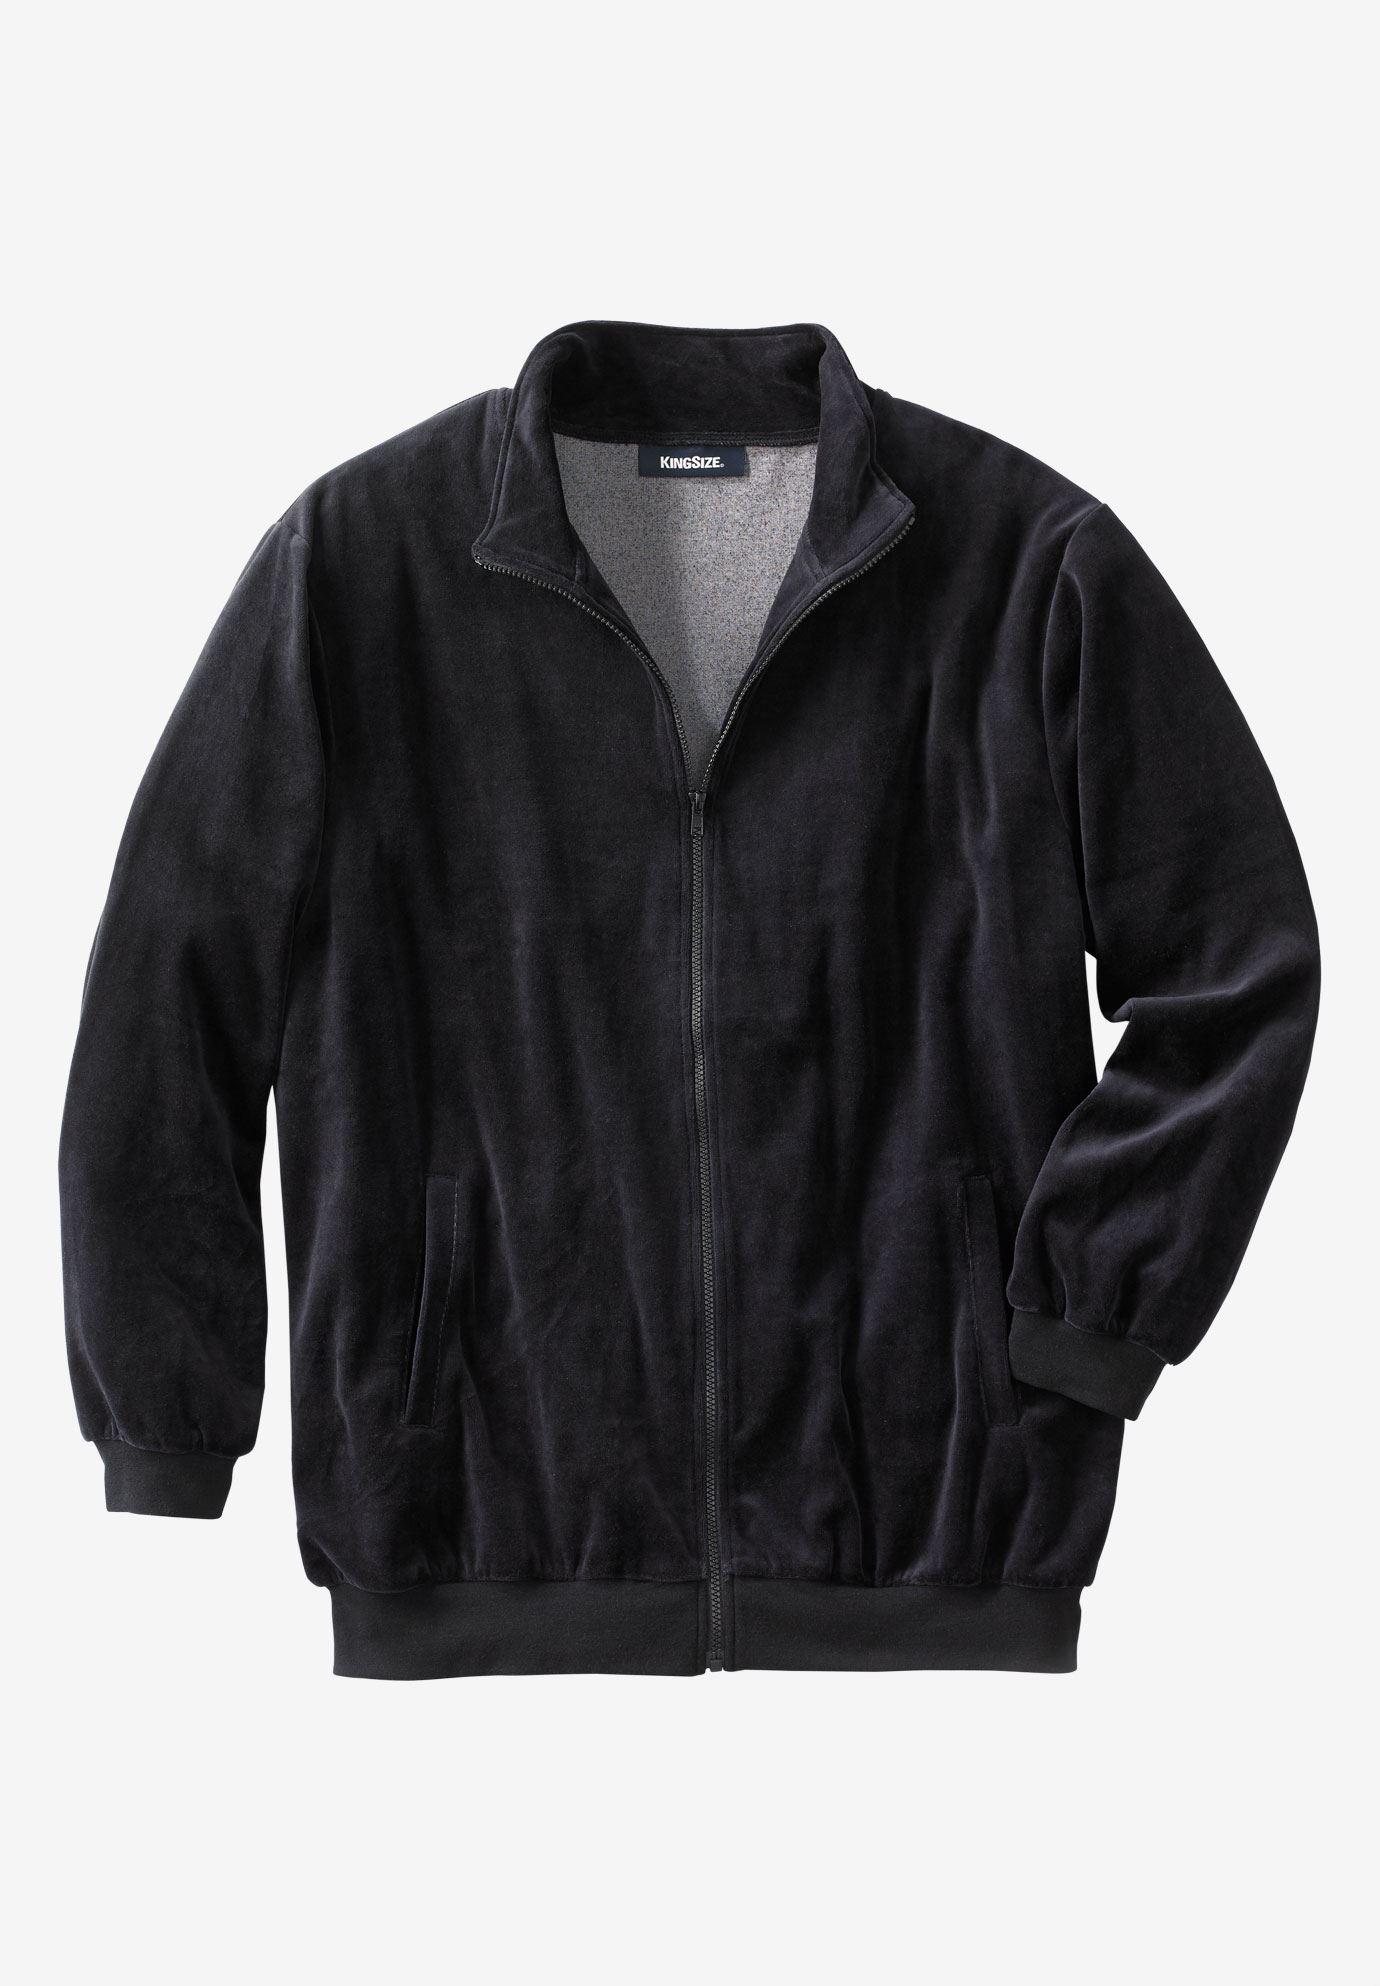 Velour Full Zip Jacket